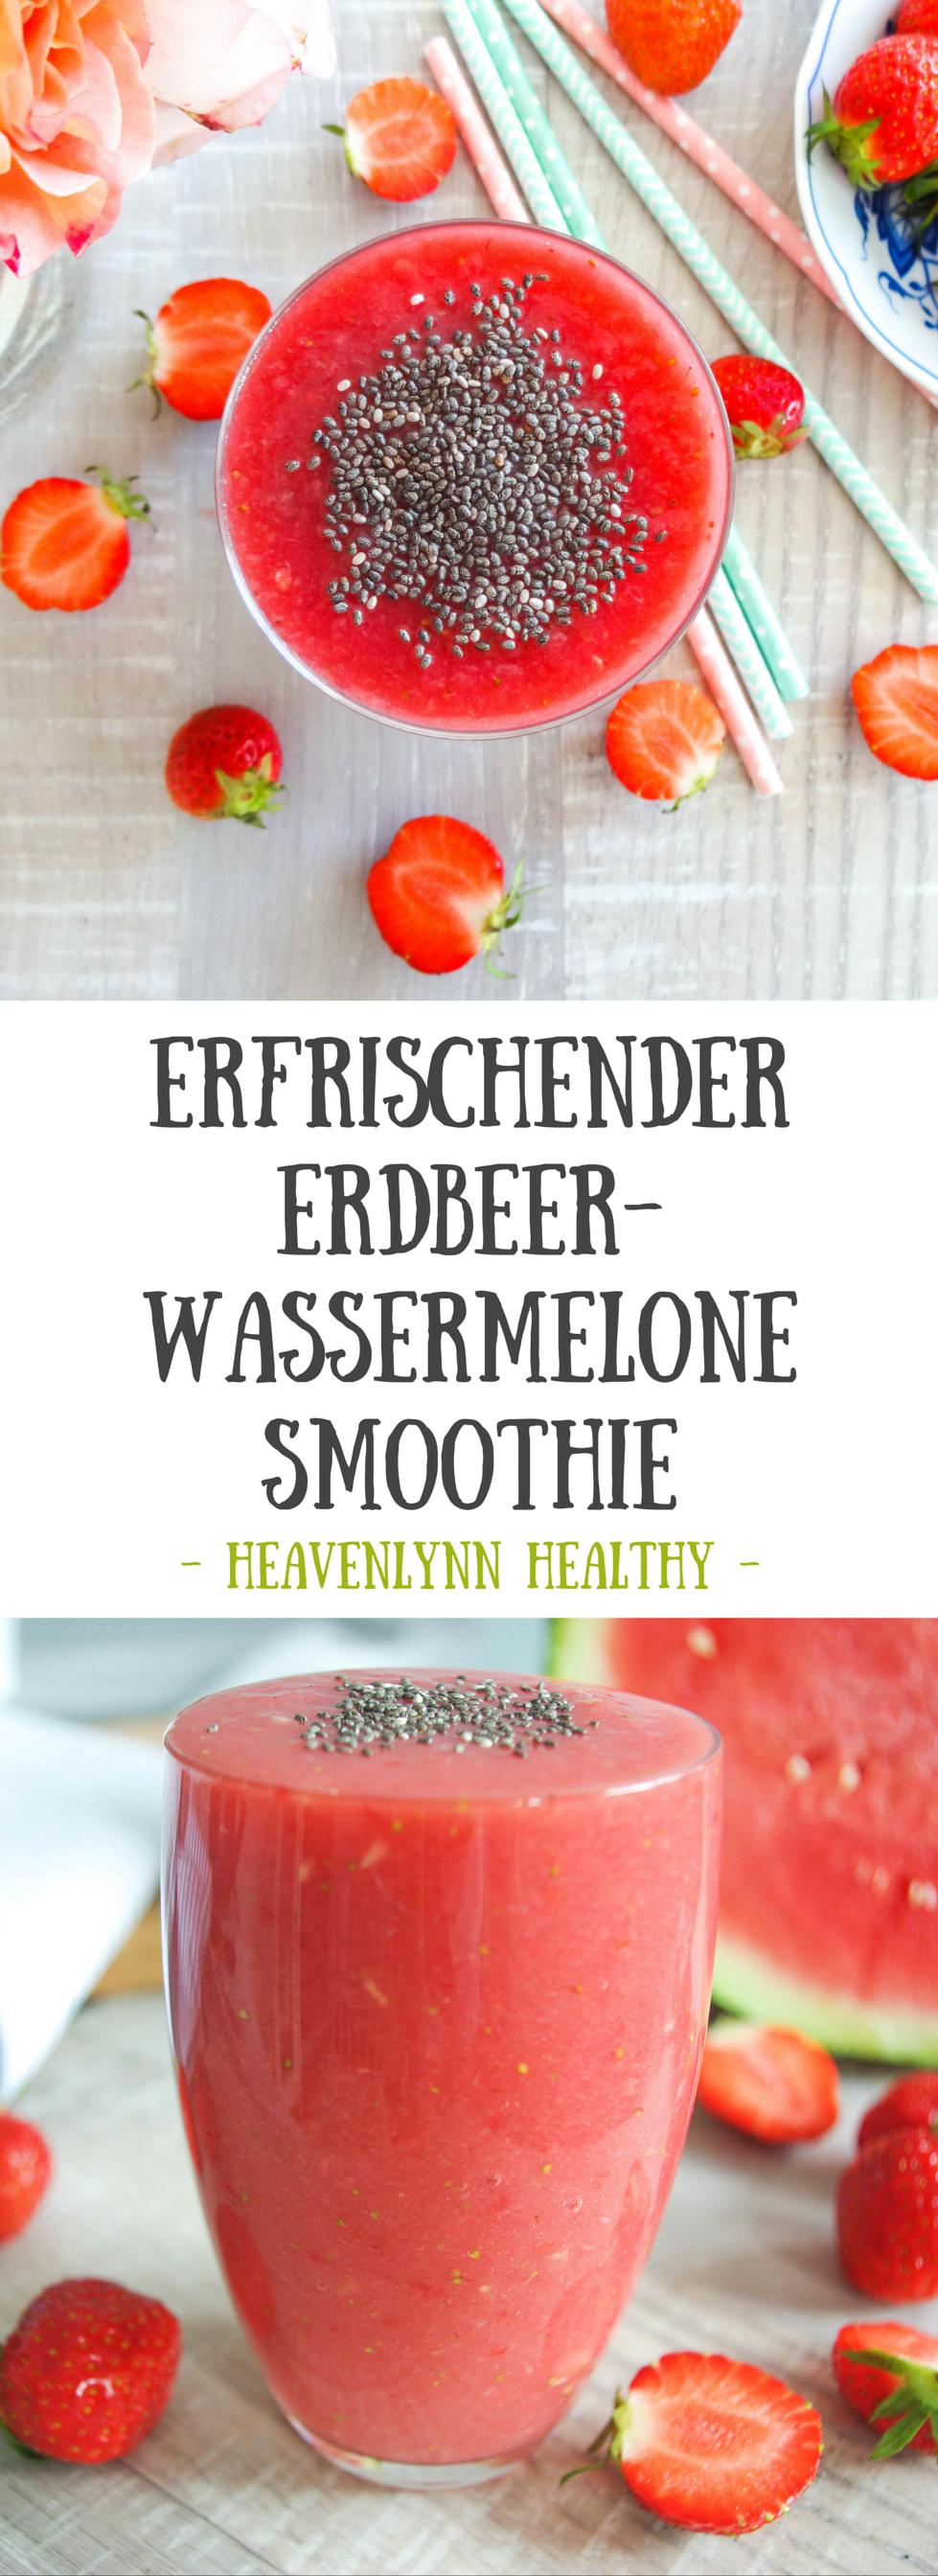 Erdbeer-Wassermelone Smoothie - Heavenlynn Healthy